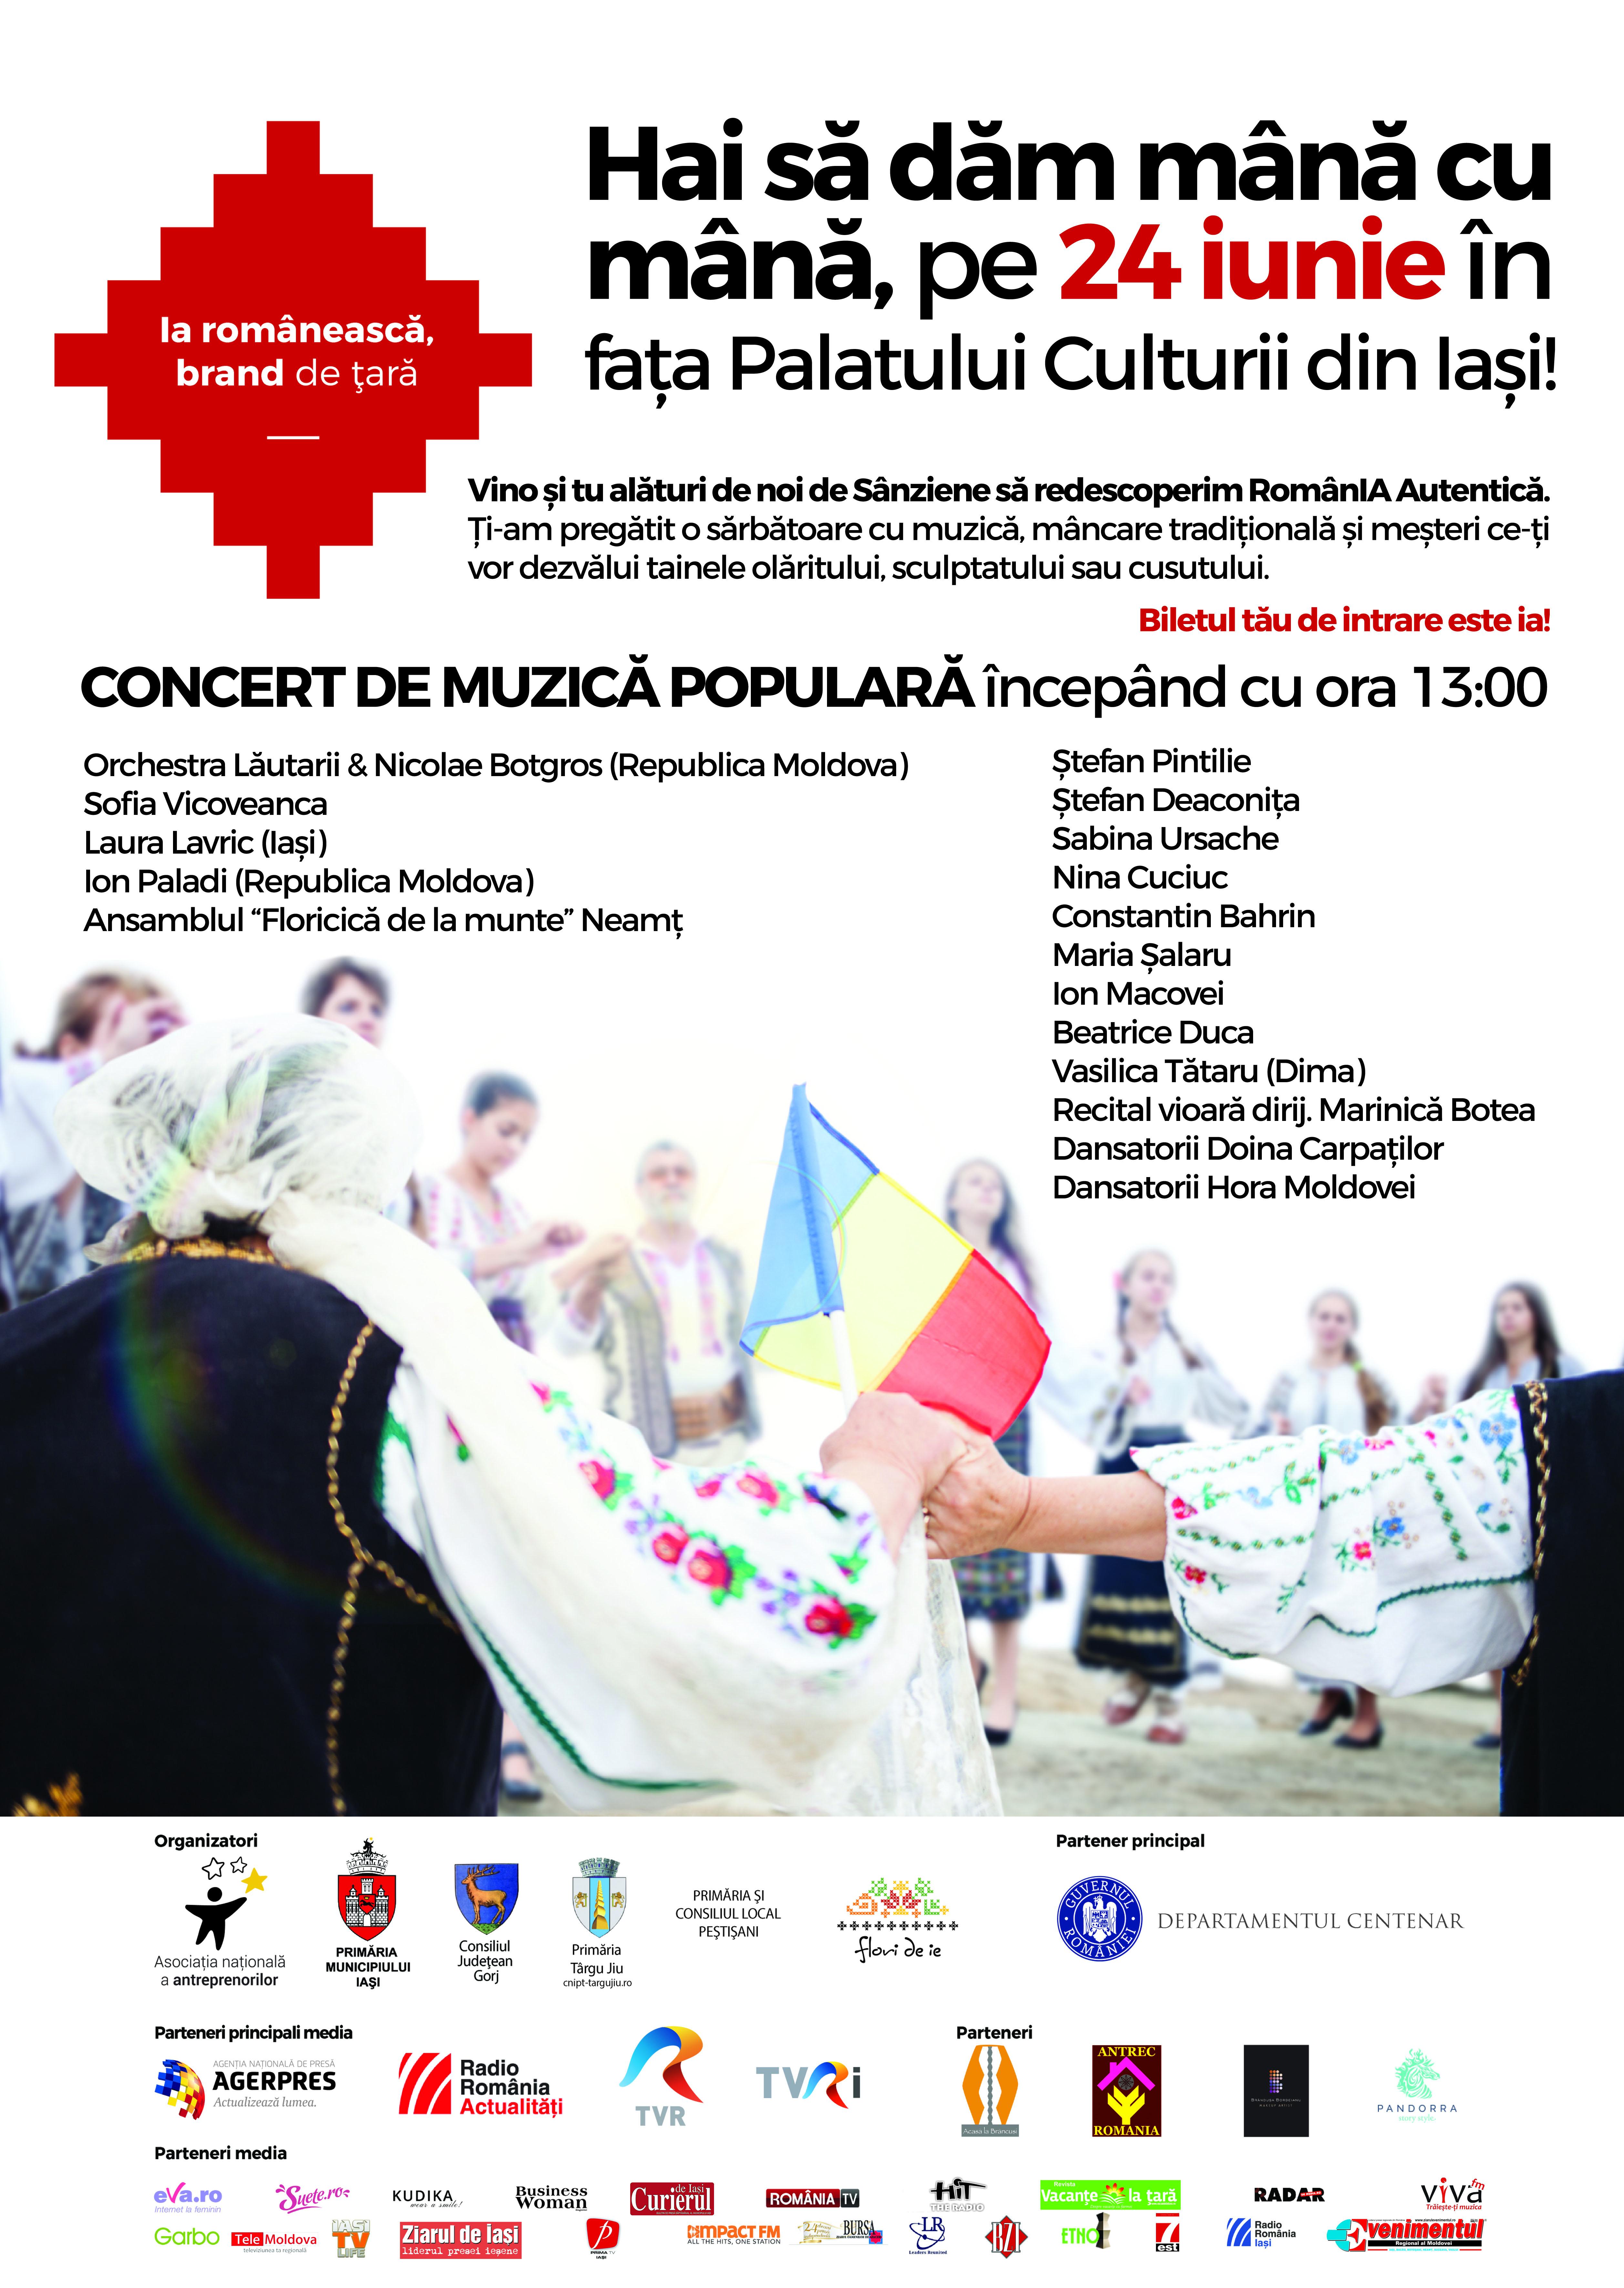 Afis-RomanIA-Autentica